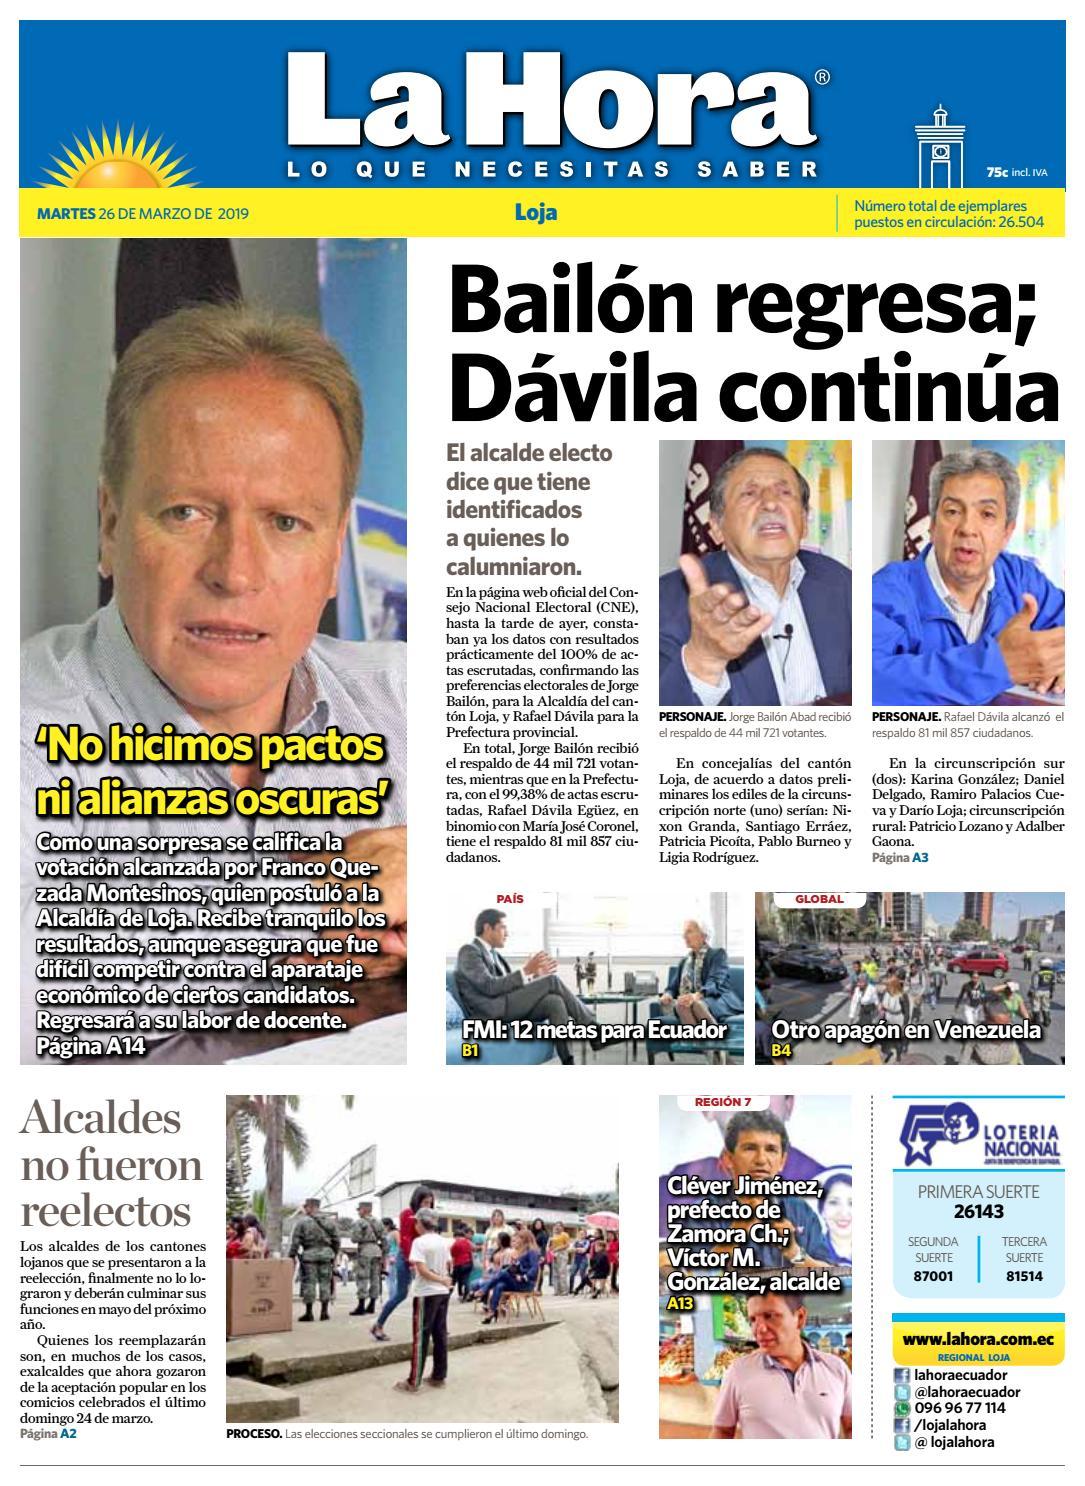 6179cde0 Diario La Hora Loja 26 de Marzo 2019 by Diario La Hora Ecuador - issuu